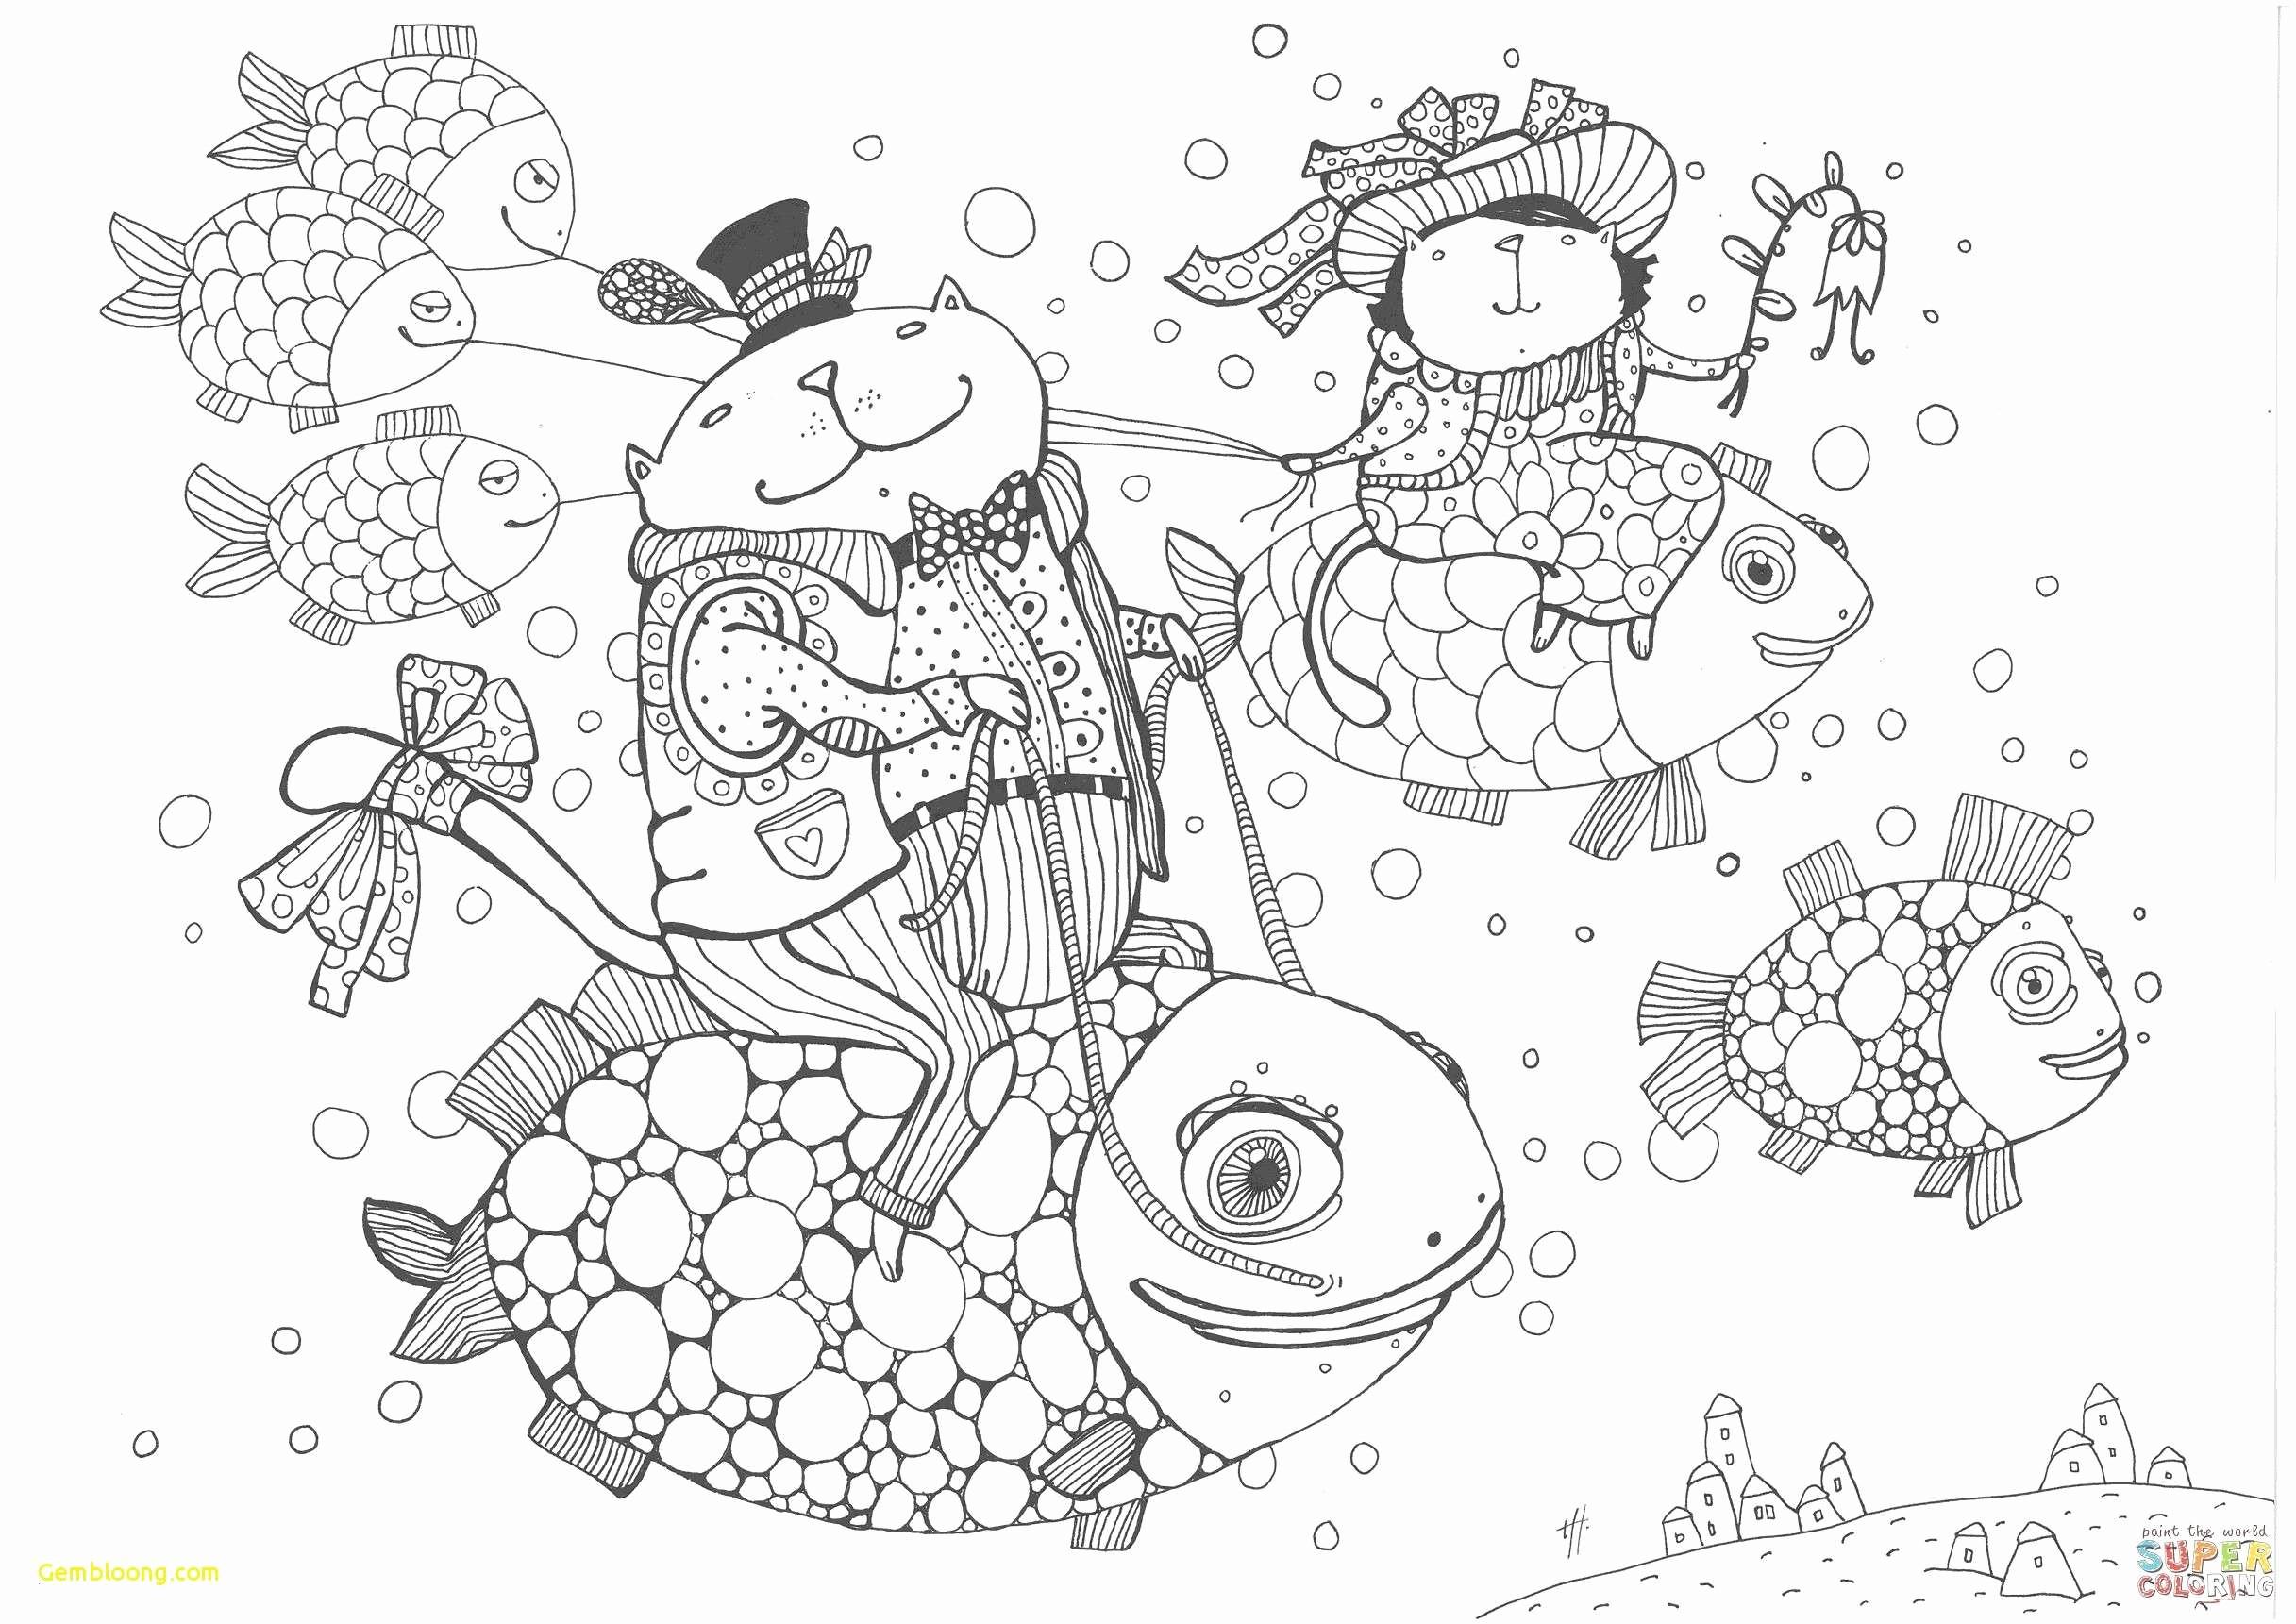 Malvorlagen Winnie Pooh Einzigartig Produktfotos Sammlung Von Ausmalbilder Kostenlos Weihnachten Jxdu Fotografieren